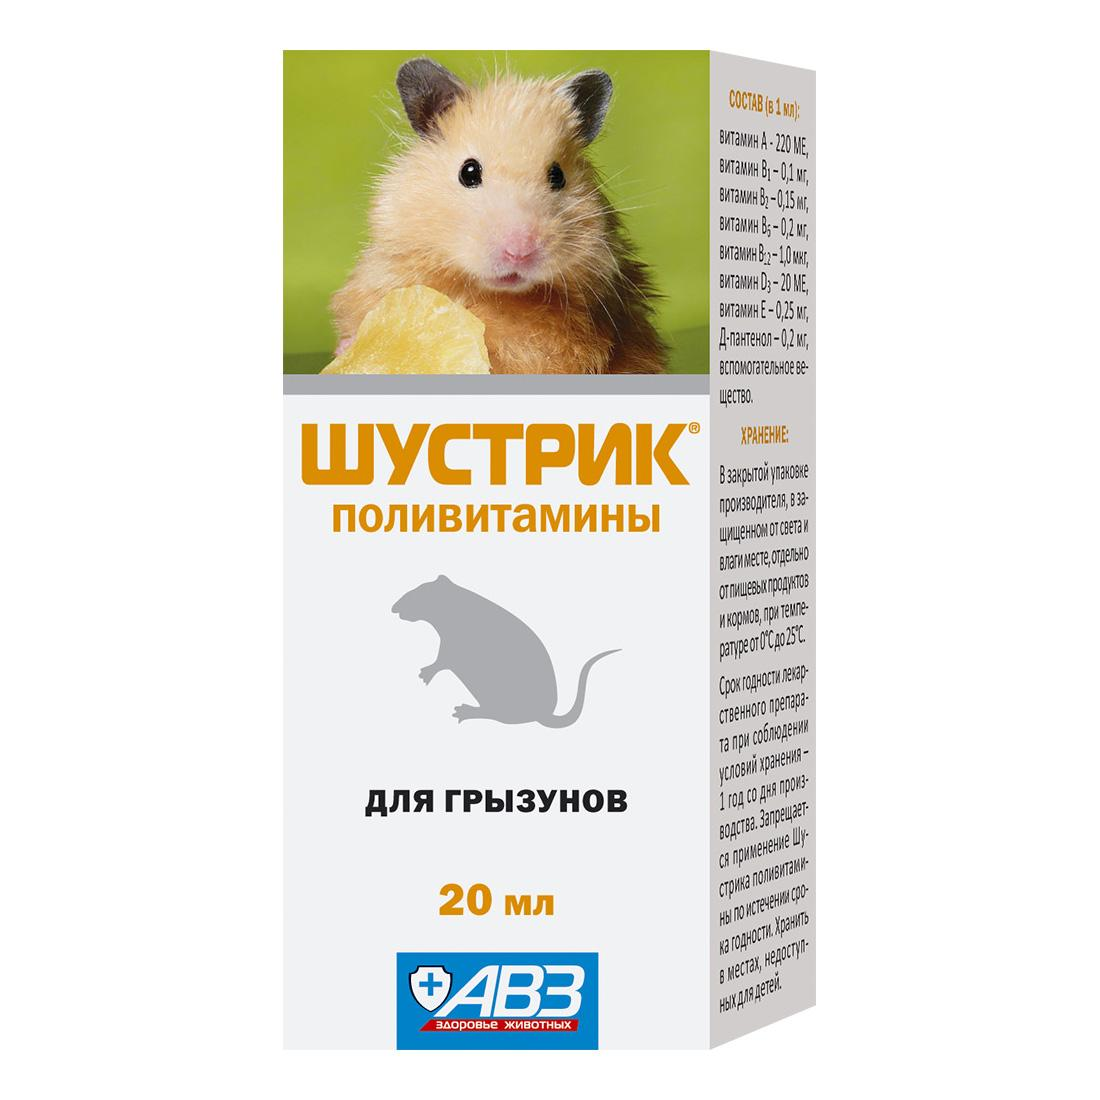 Витаминный комплекс для грызунов АВЗ Шустрик,